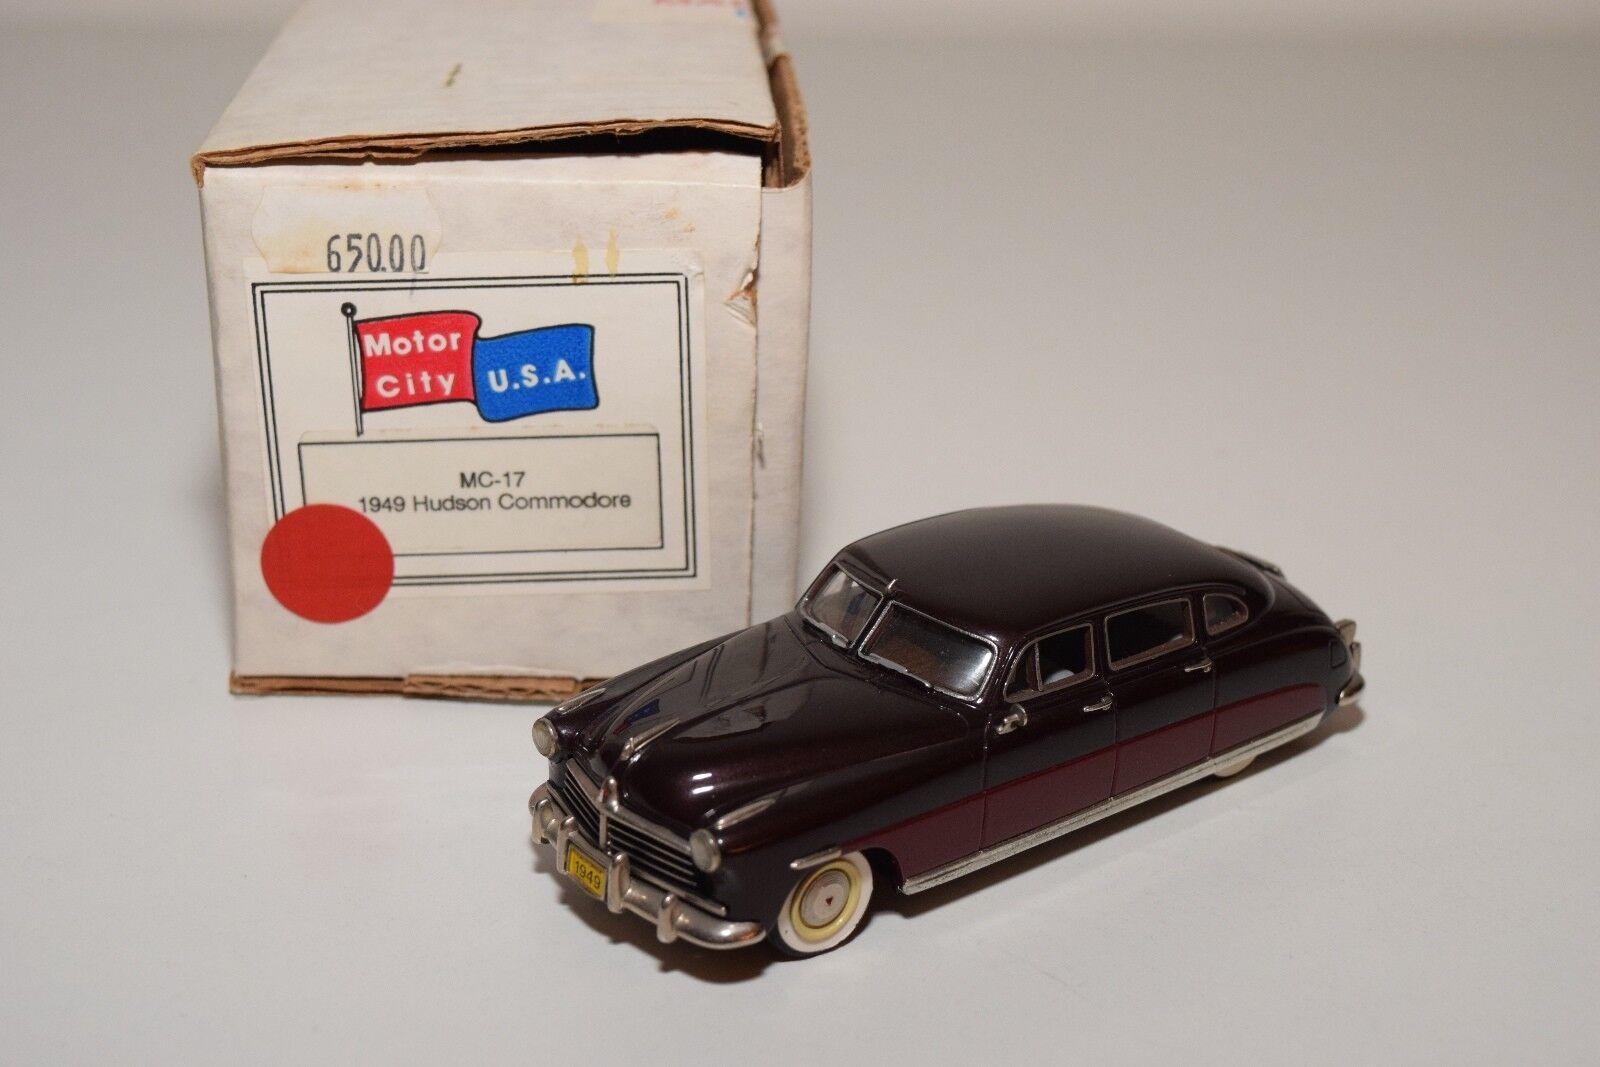 vendite online D MOTOR città MC-17 MC 17 1949 HUDSON COMMODORE TWO TWO TWO TONE MAROON MINT scatolaED RARE  incentivi promozionali